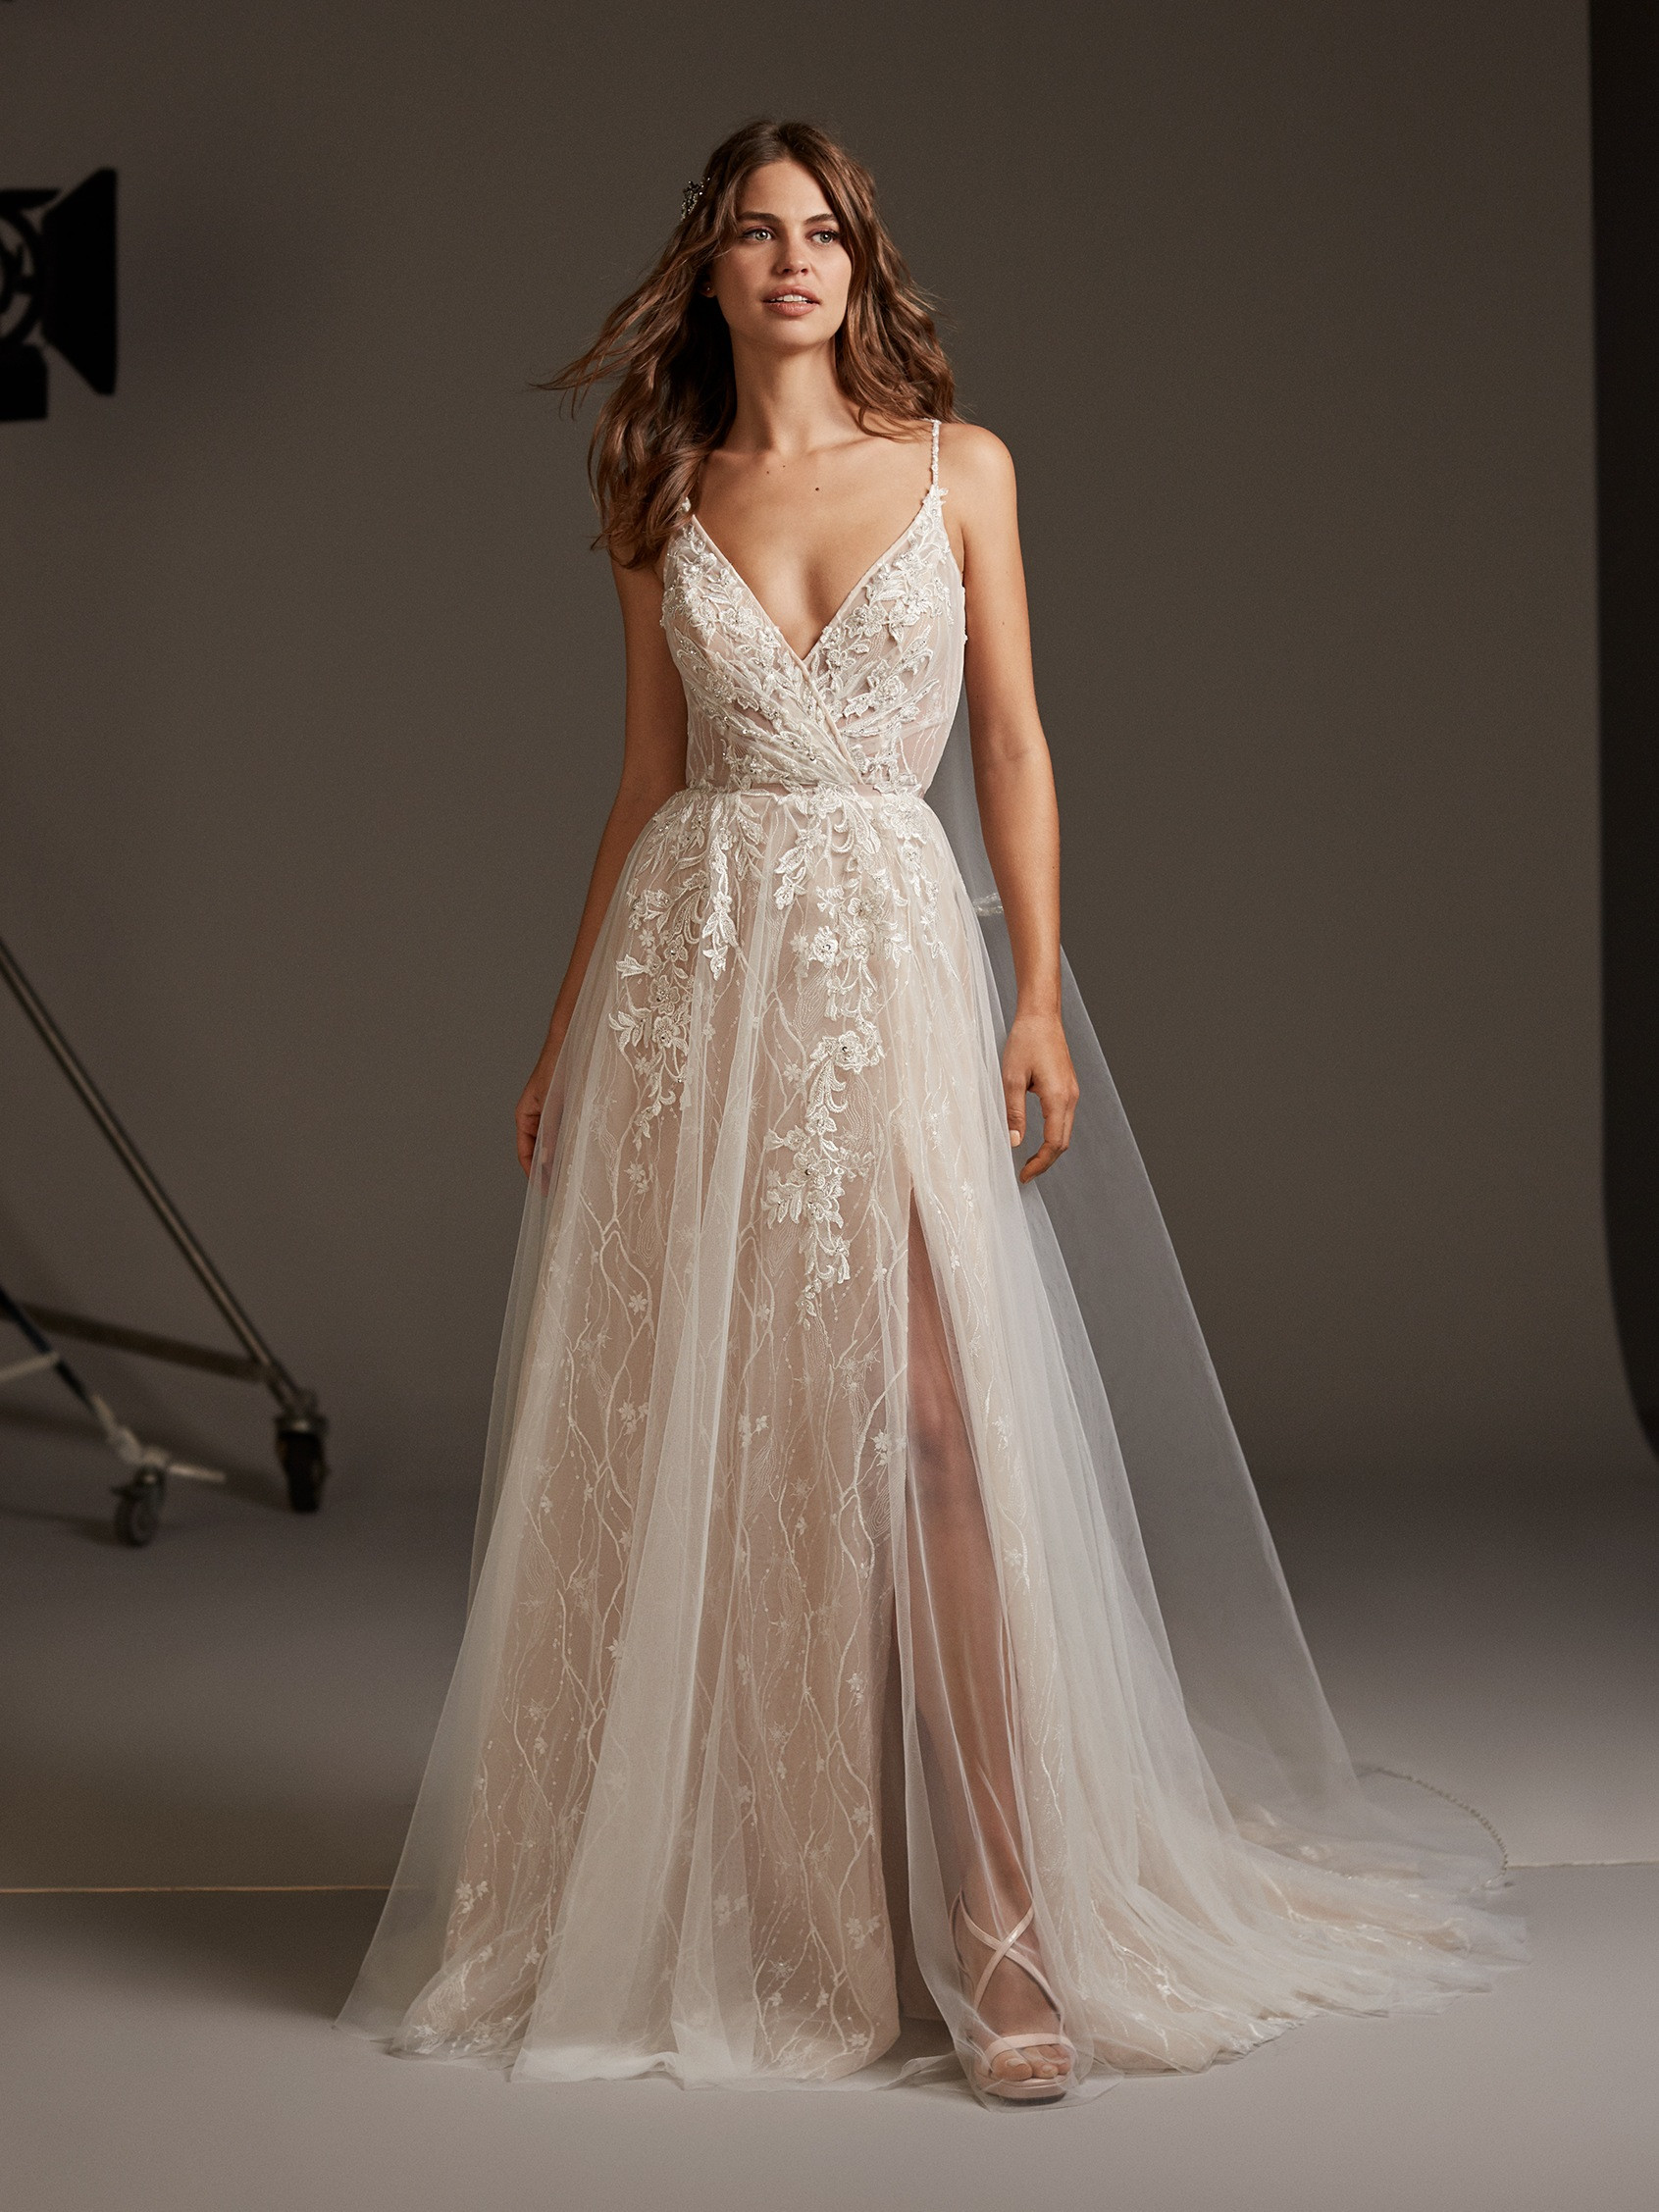 summer wedding ideas casual beach wedding gown Pronovias US bridal wedding dresses